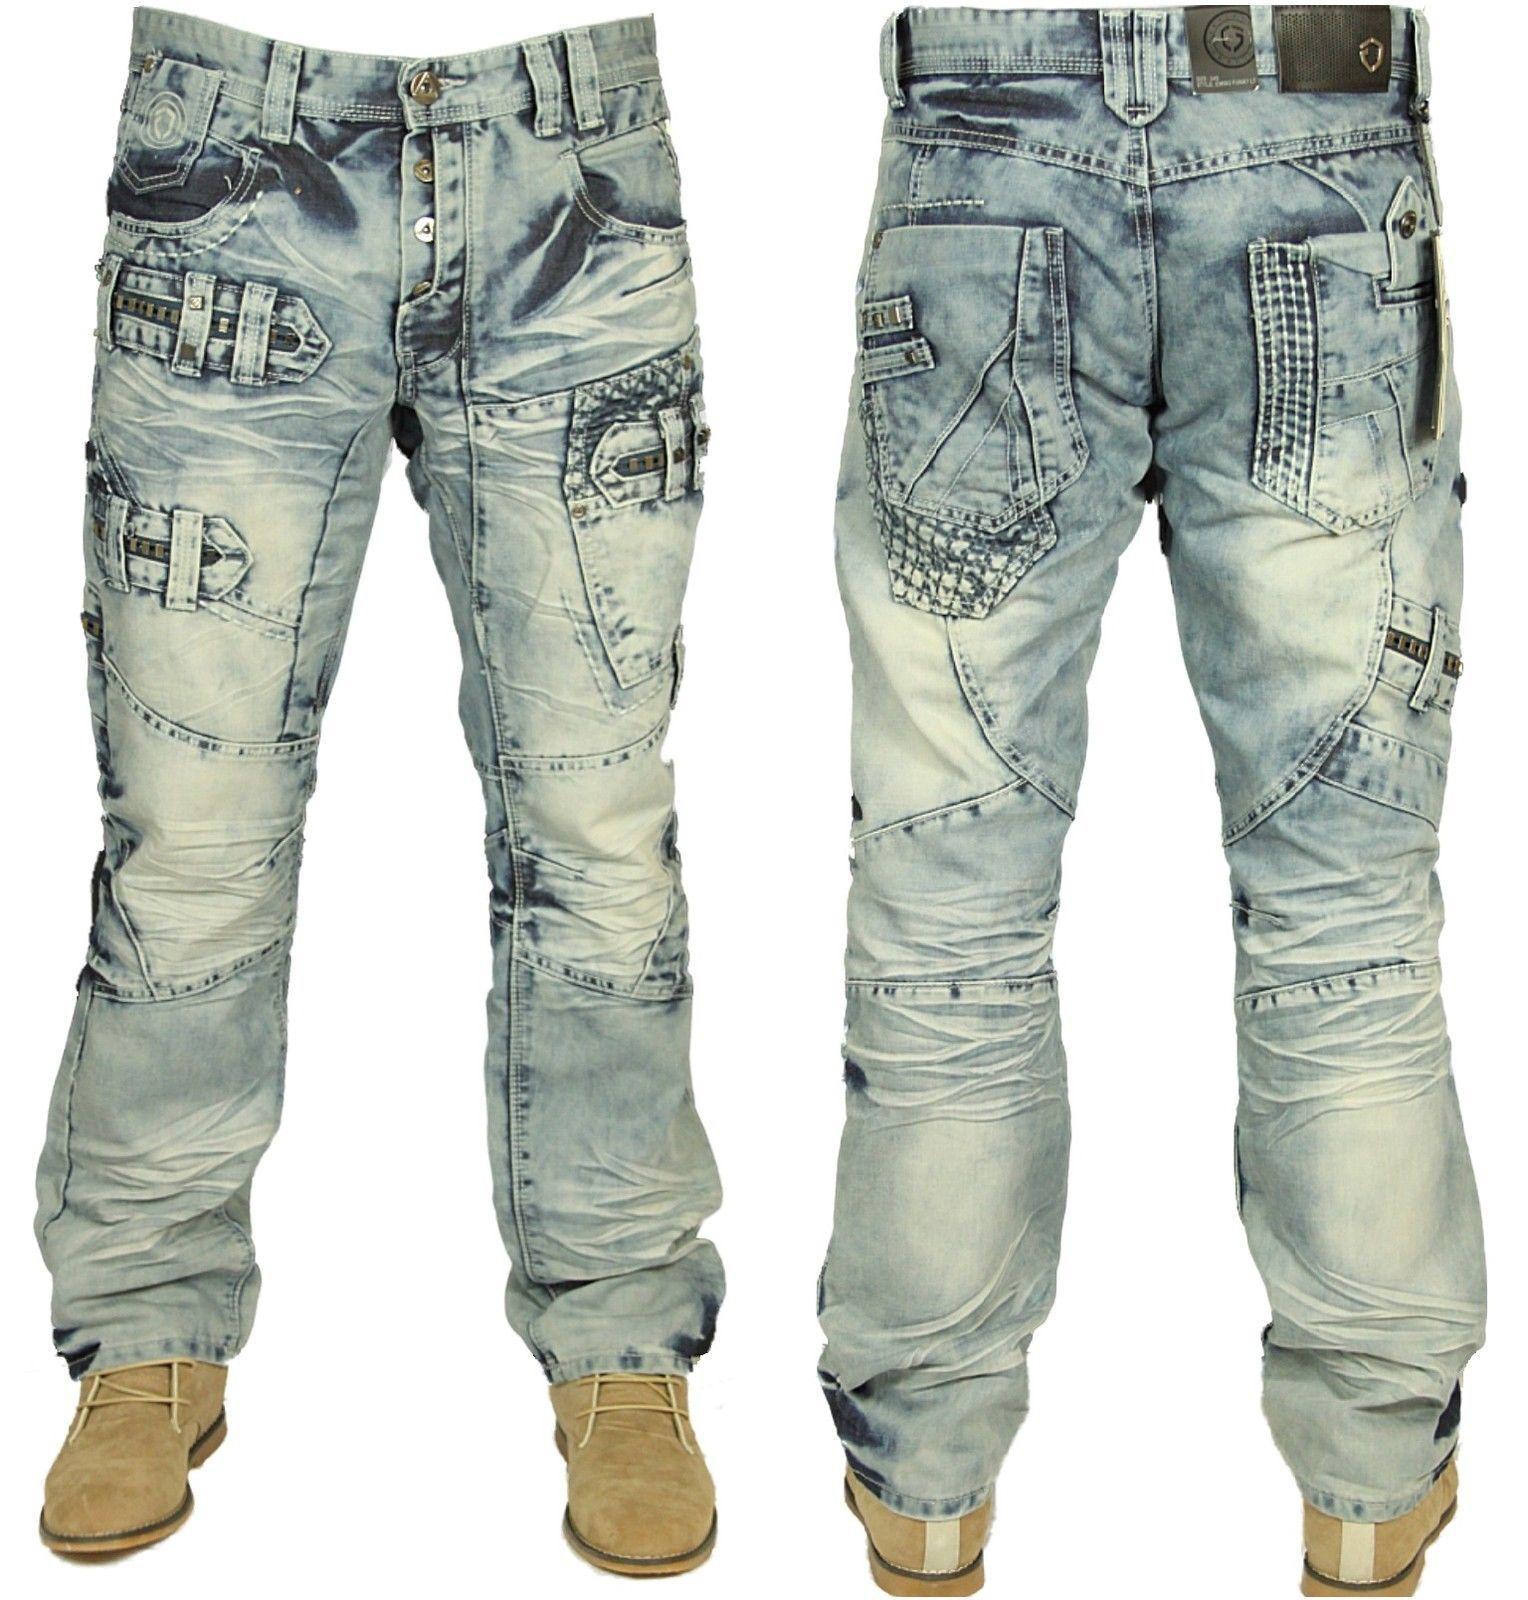 Eto Herren Irre Mode Jeans Toller Detail Em 583 - Helle Waschung  | Louis, ausführlich  | Qualität Produkt  | Bestellung willkommen